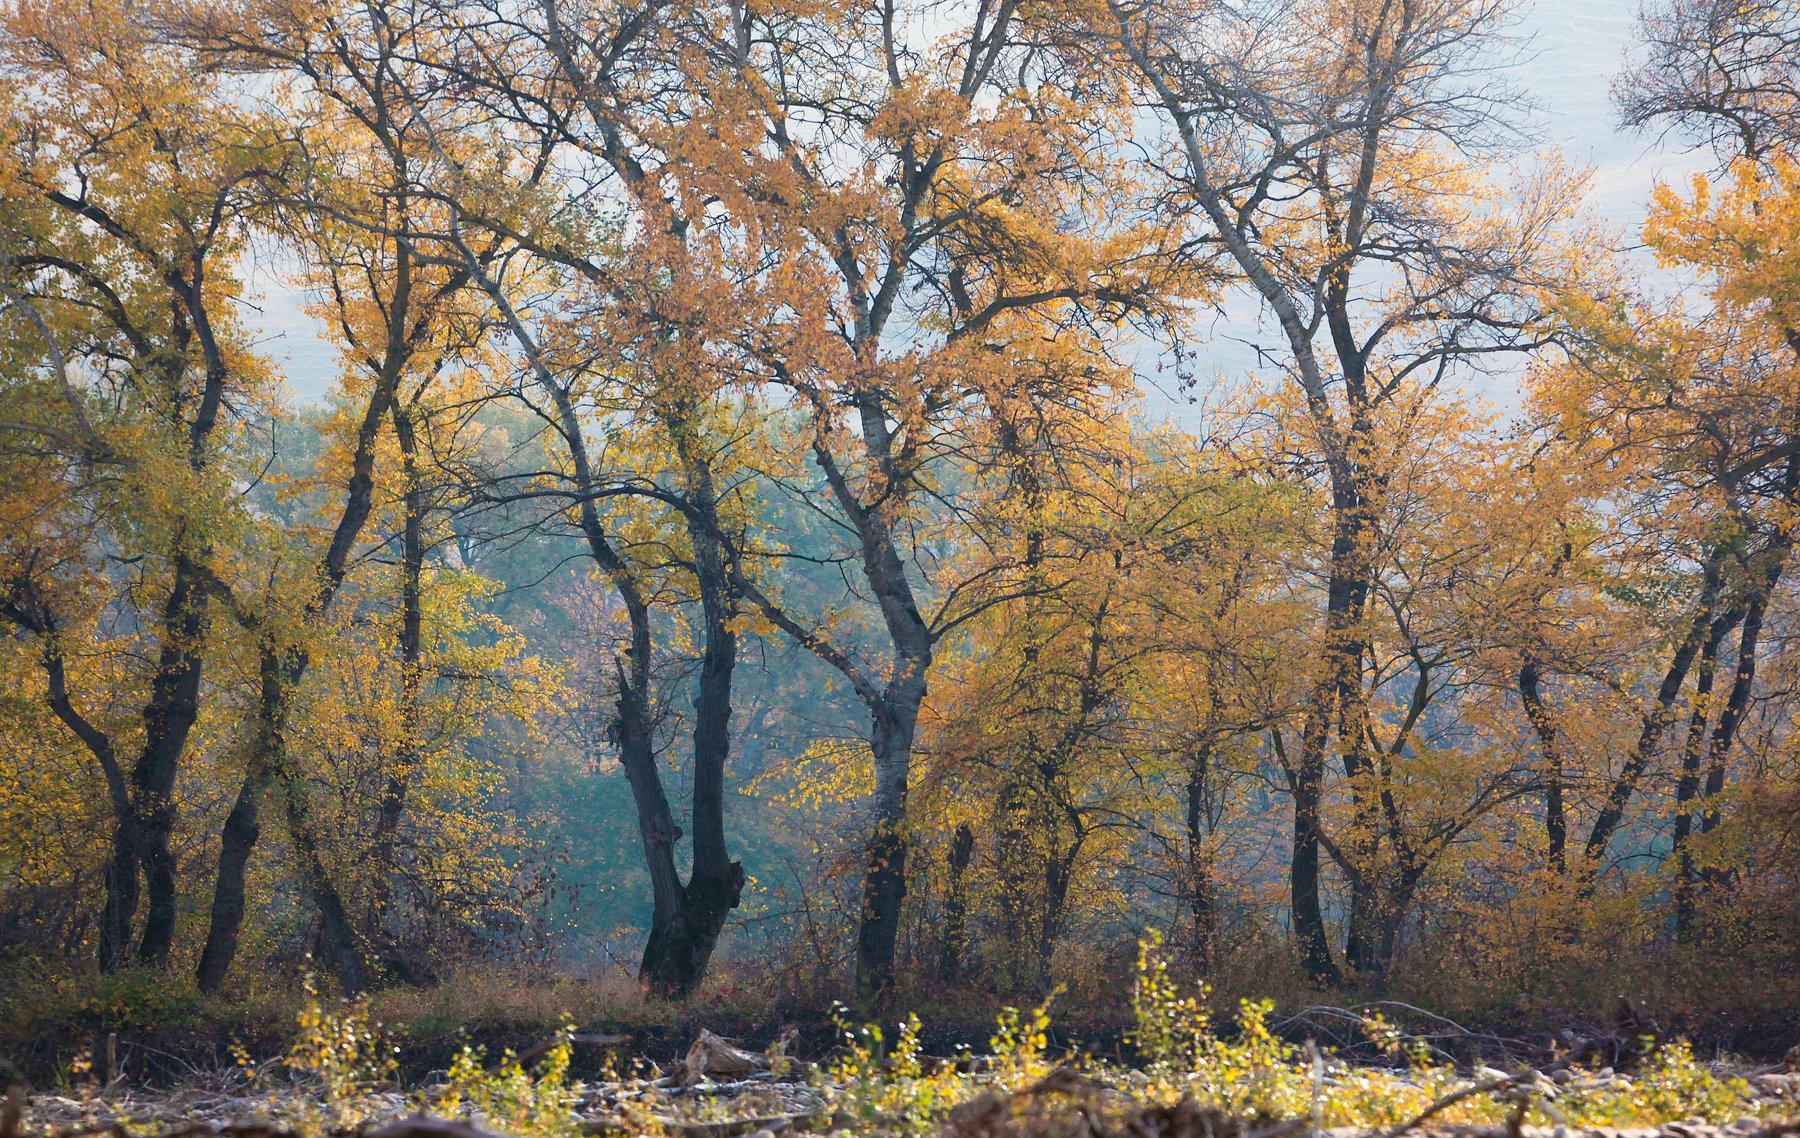 осень,деревья,день,пейзаж, Марат Магов